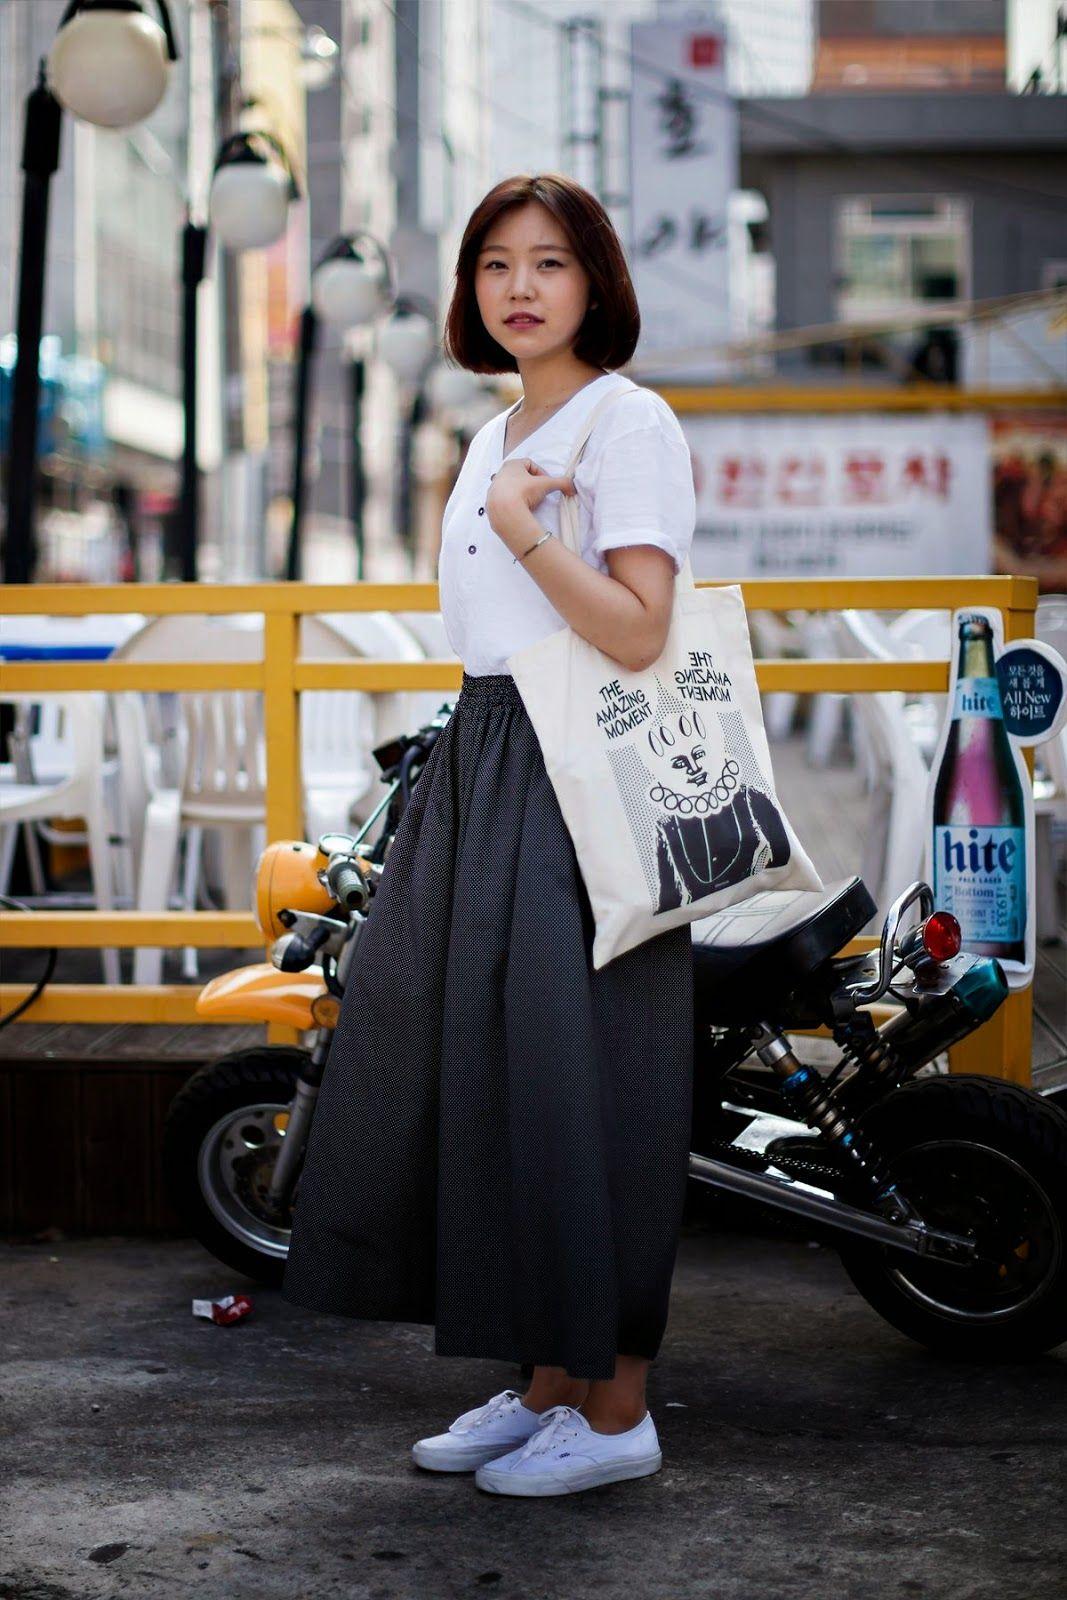 On the street... Yoonmi Son Busan | echeveau